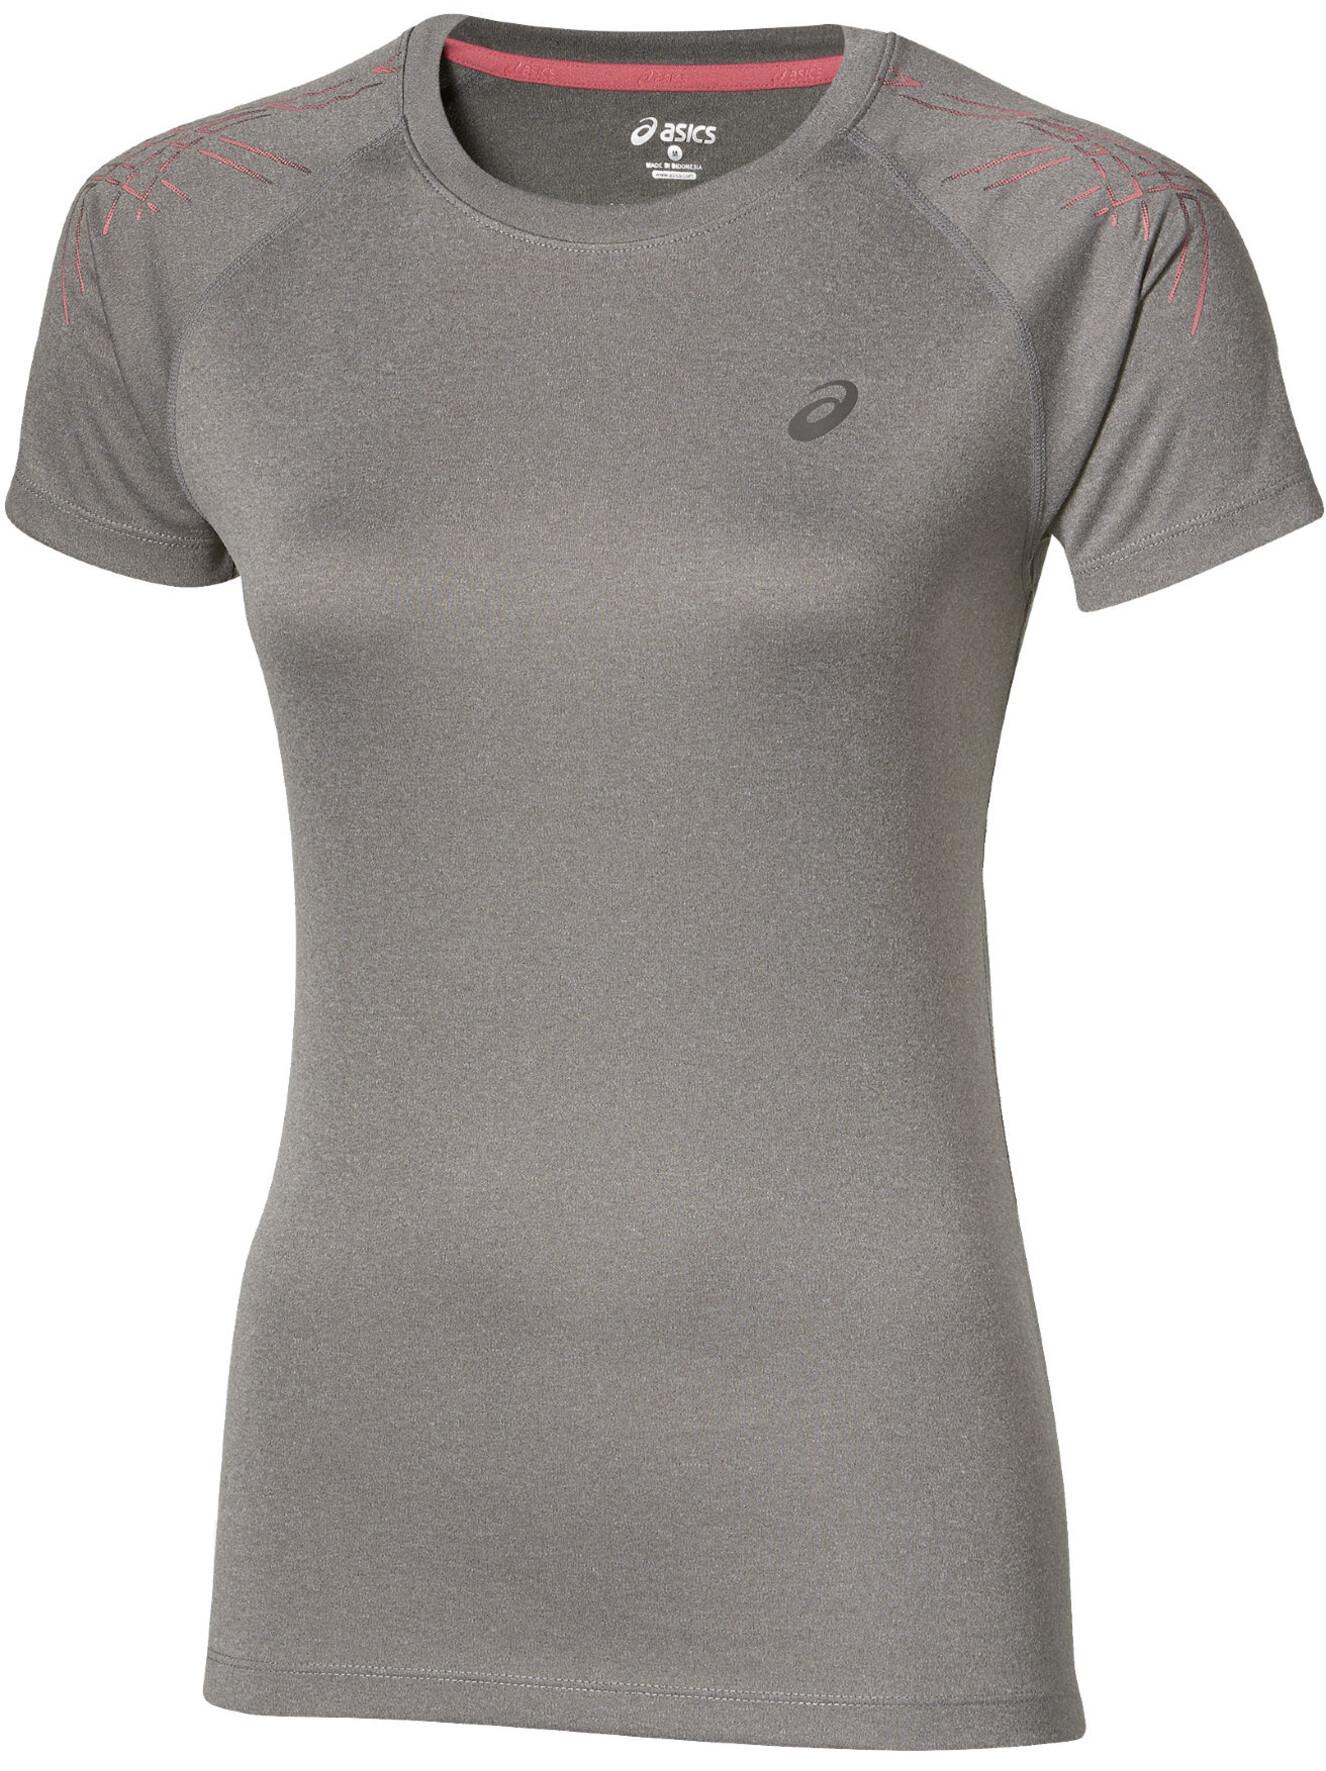 1a9c1143ede asics Stripe Hardloopshirt korte mouwen Dames grijs I Online op ...